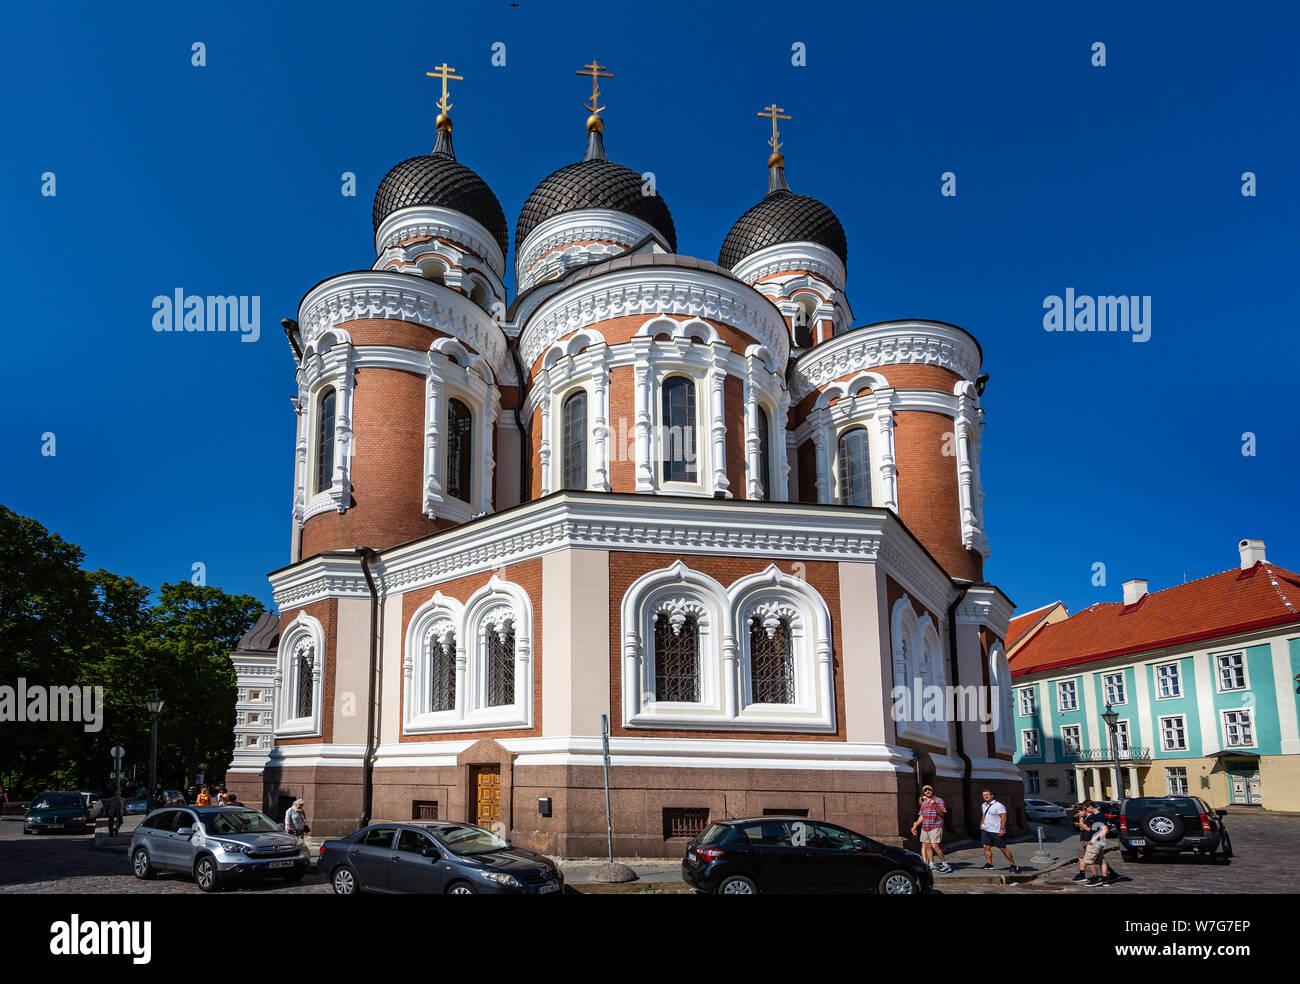 La cathédrale Alexandre Nevsky orthodoxe russe à Tallinn, Estonie le 21 juillet 2019 Banque D'Images